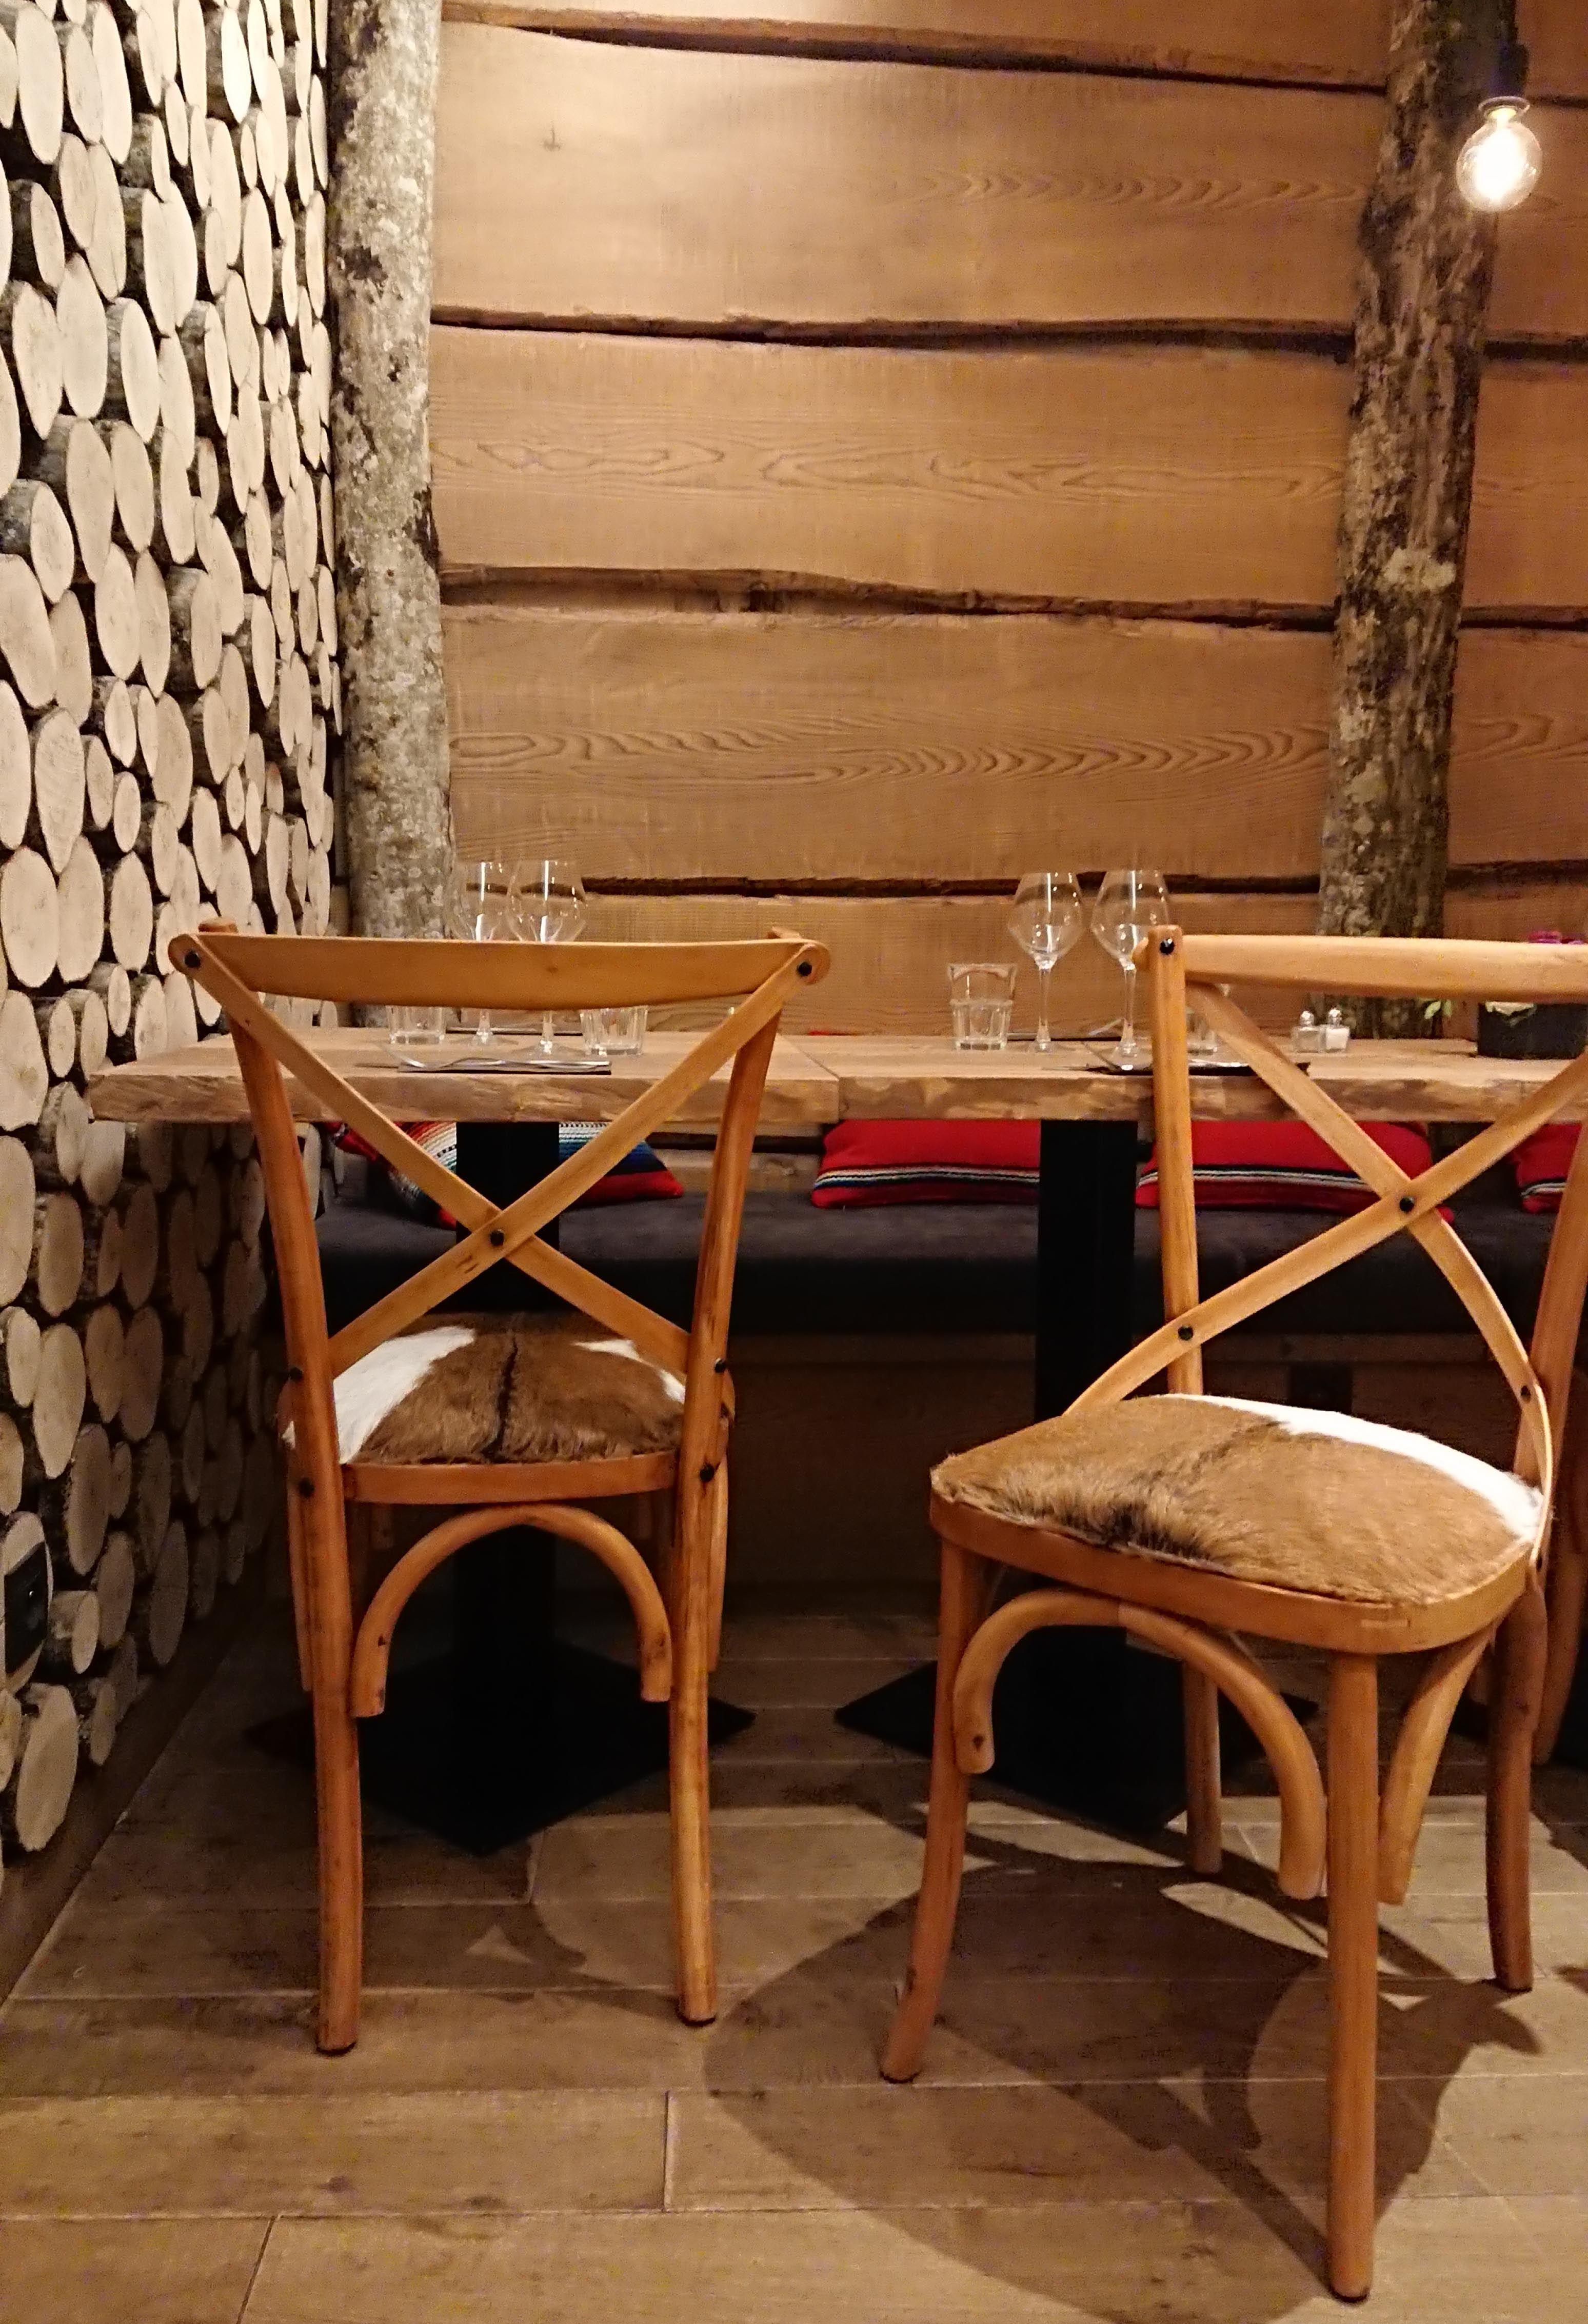 Le Must De L Elegance Dans Une Deco Chalet Les Chaises En Peau De Chevre Decor Wishbone Chair Home Decor